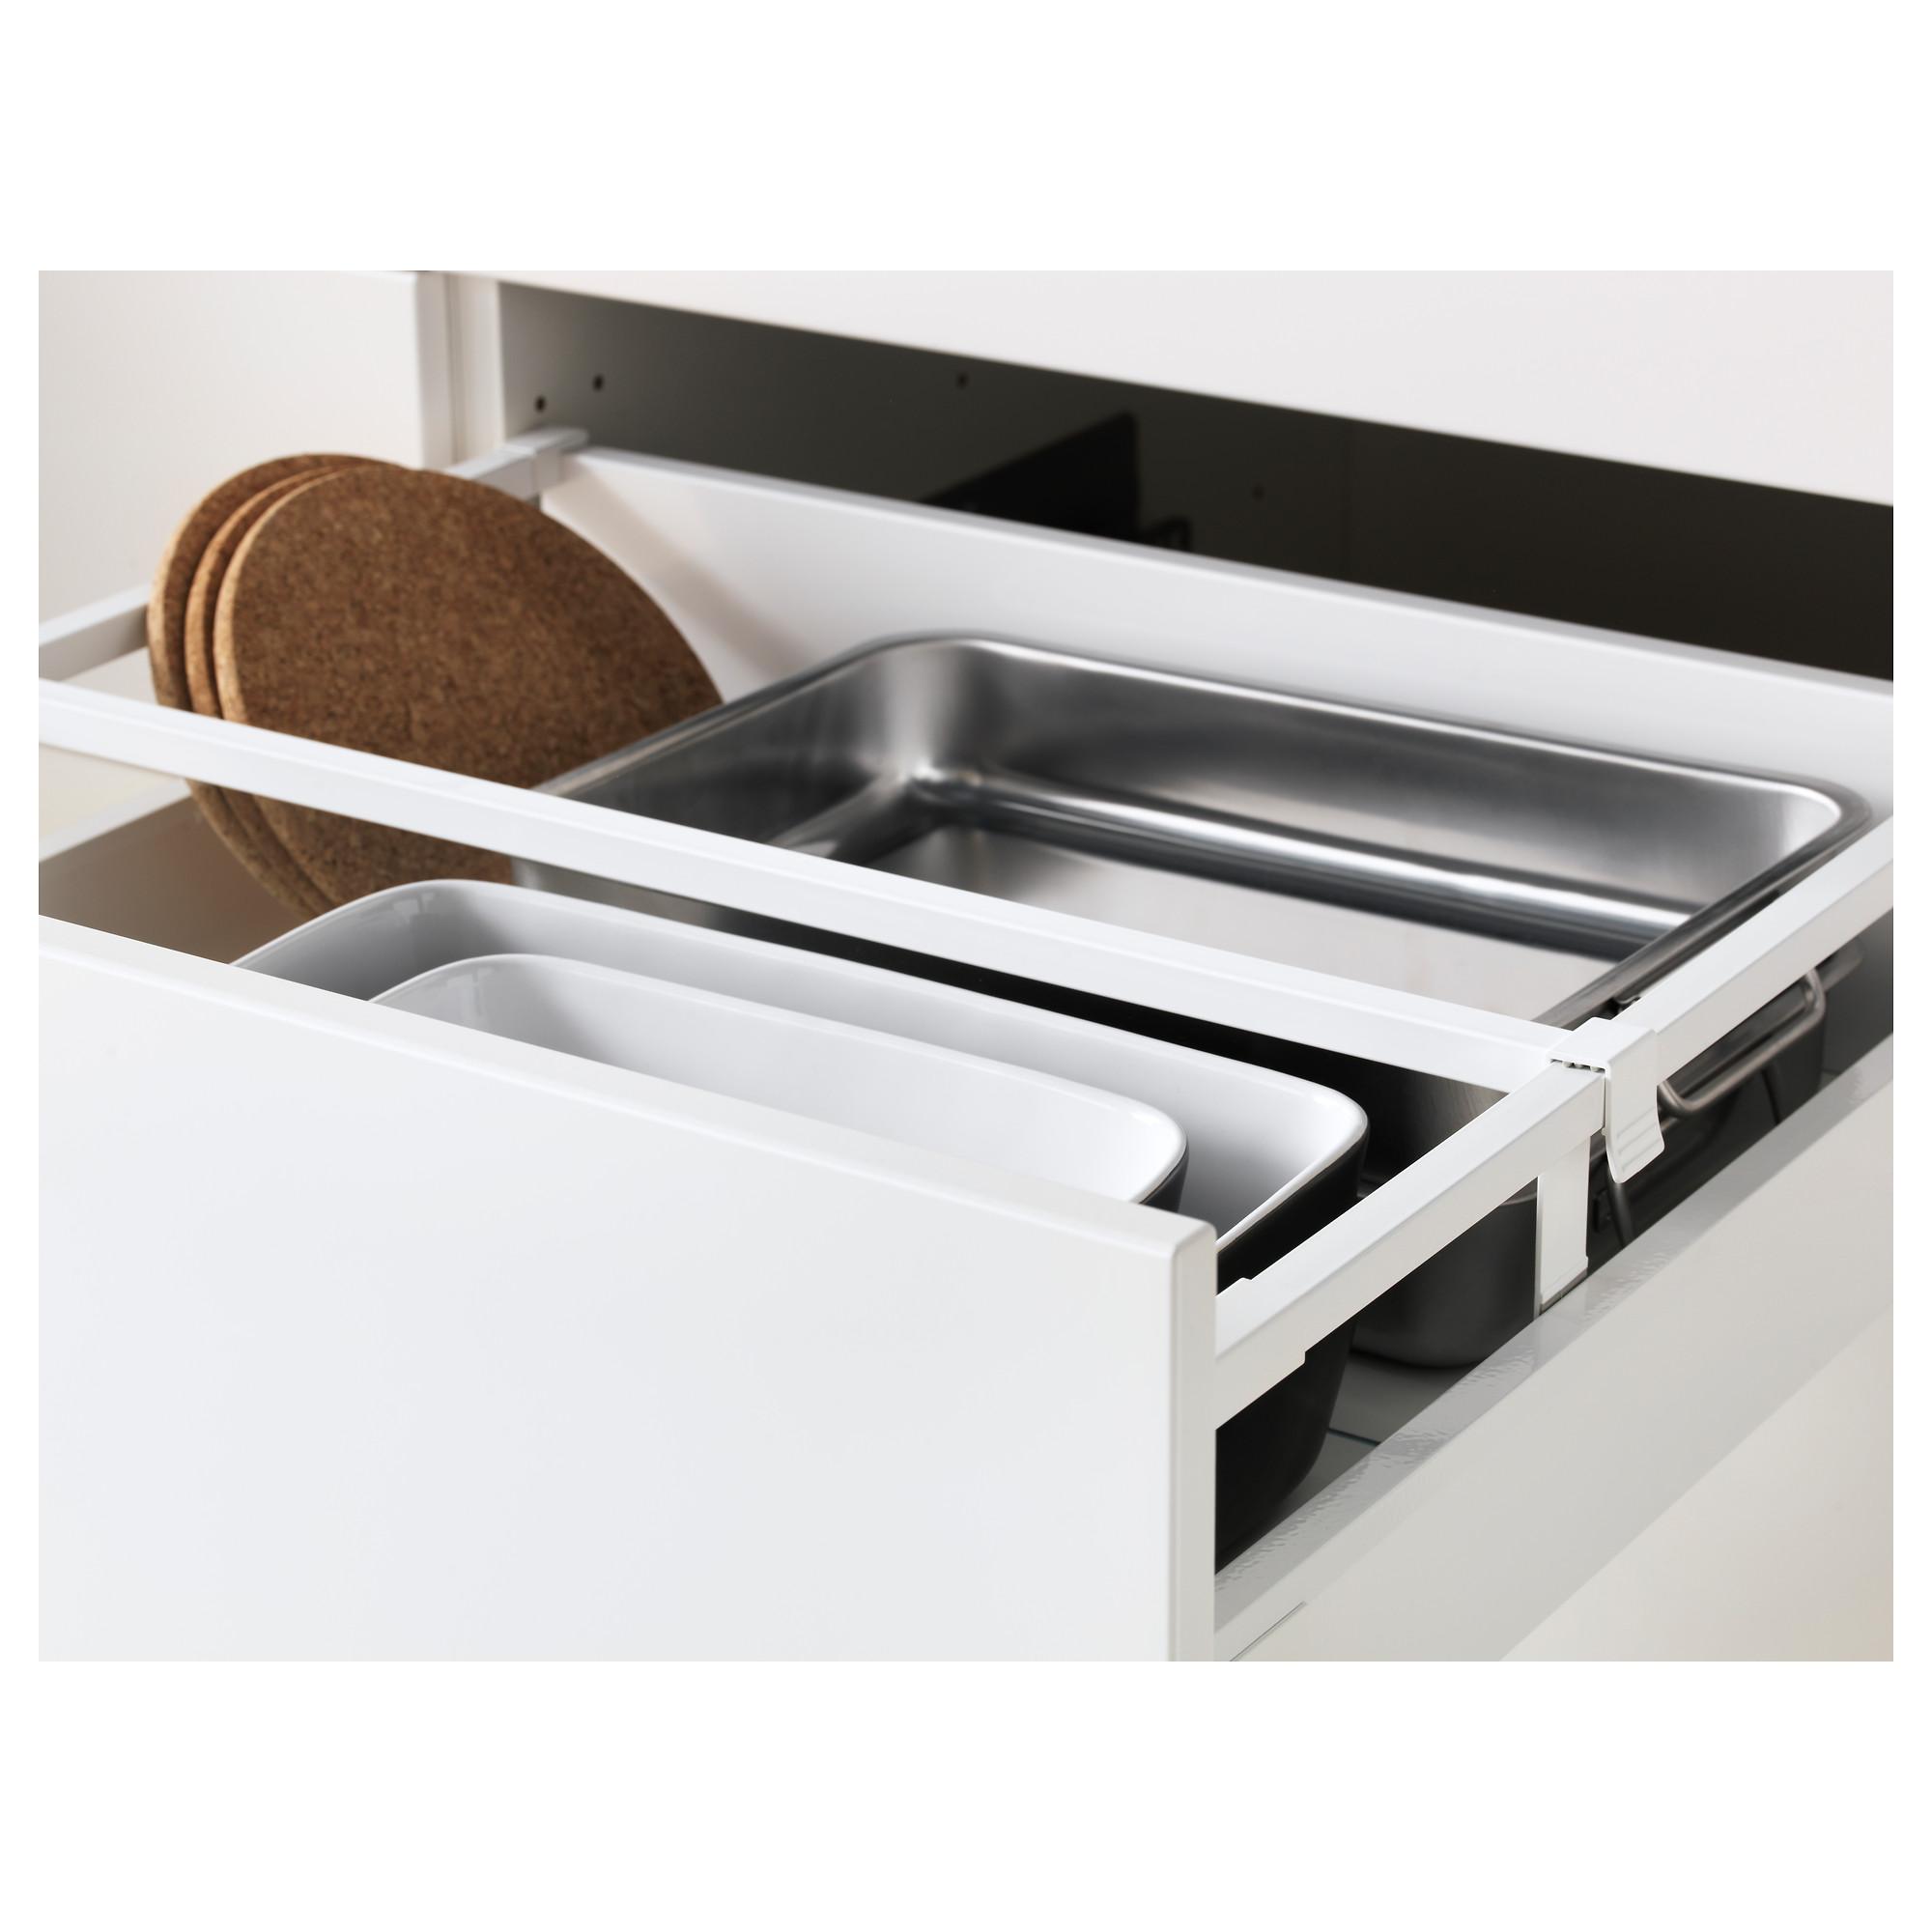 Высокий шкаф для холодильника, с дверцами, 3 ящика МЕТОД / МАКСИМЕРА белый артикуль № 692.378.68 в наличии. Онлайн сайт ИКЕА РБ. Недорогая доставка и установка.